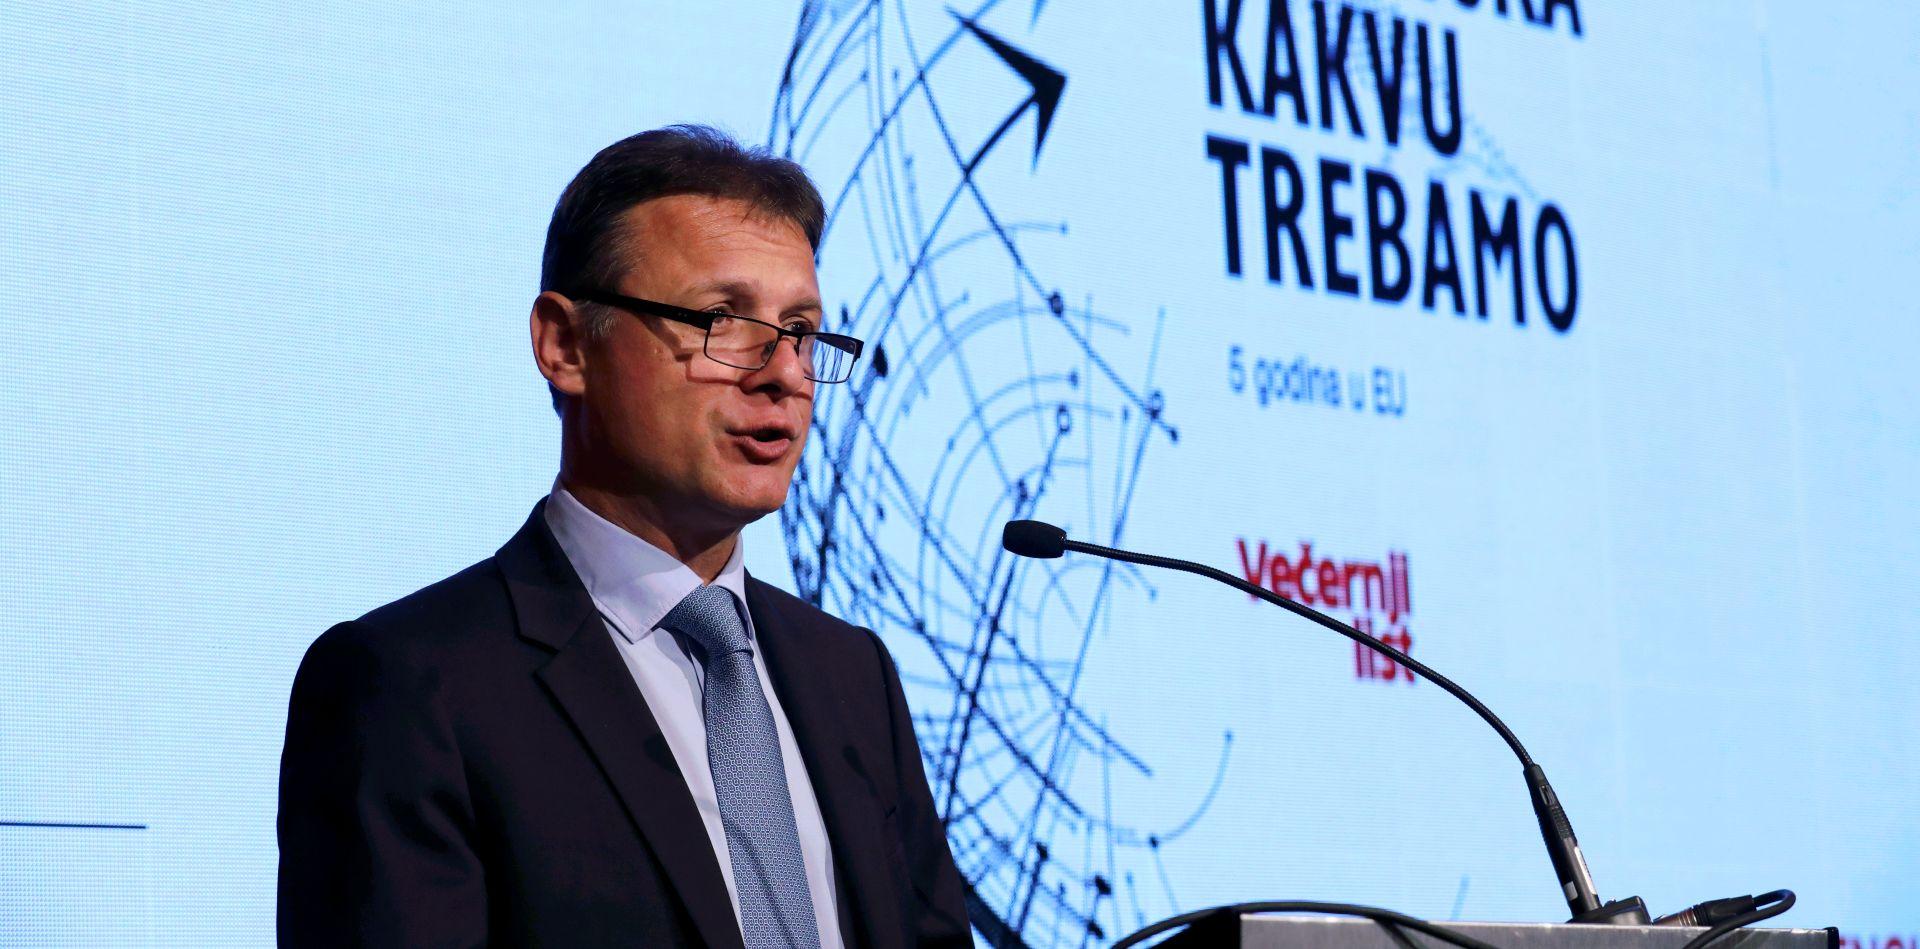 Jandroković se sastao s članovima GSV-a